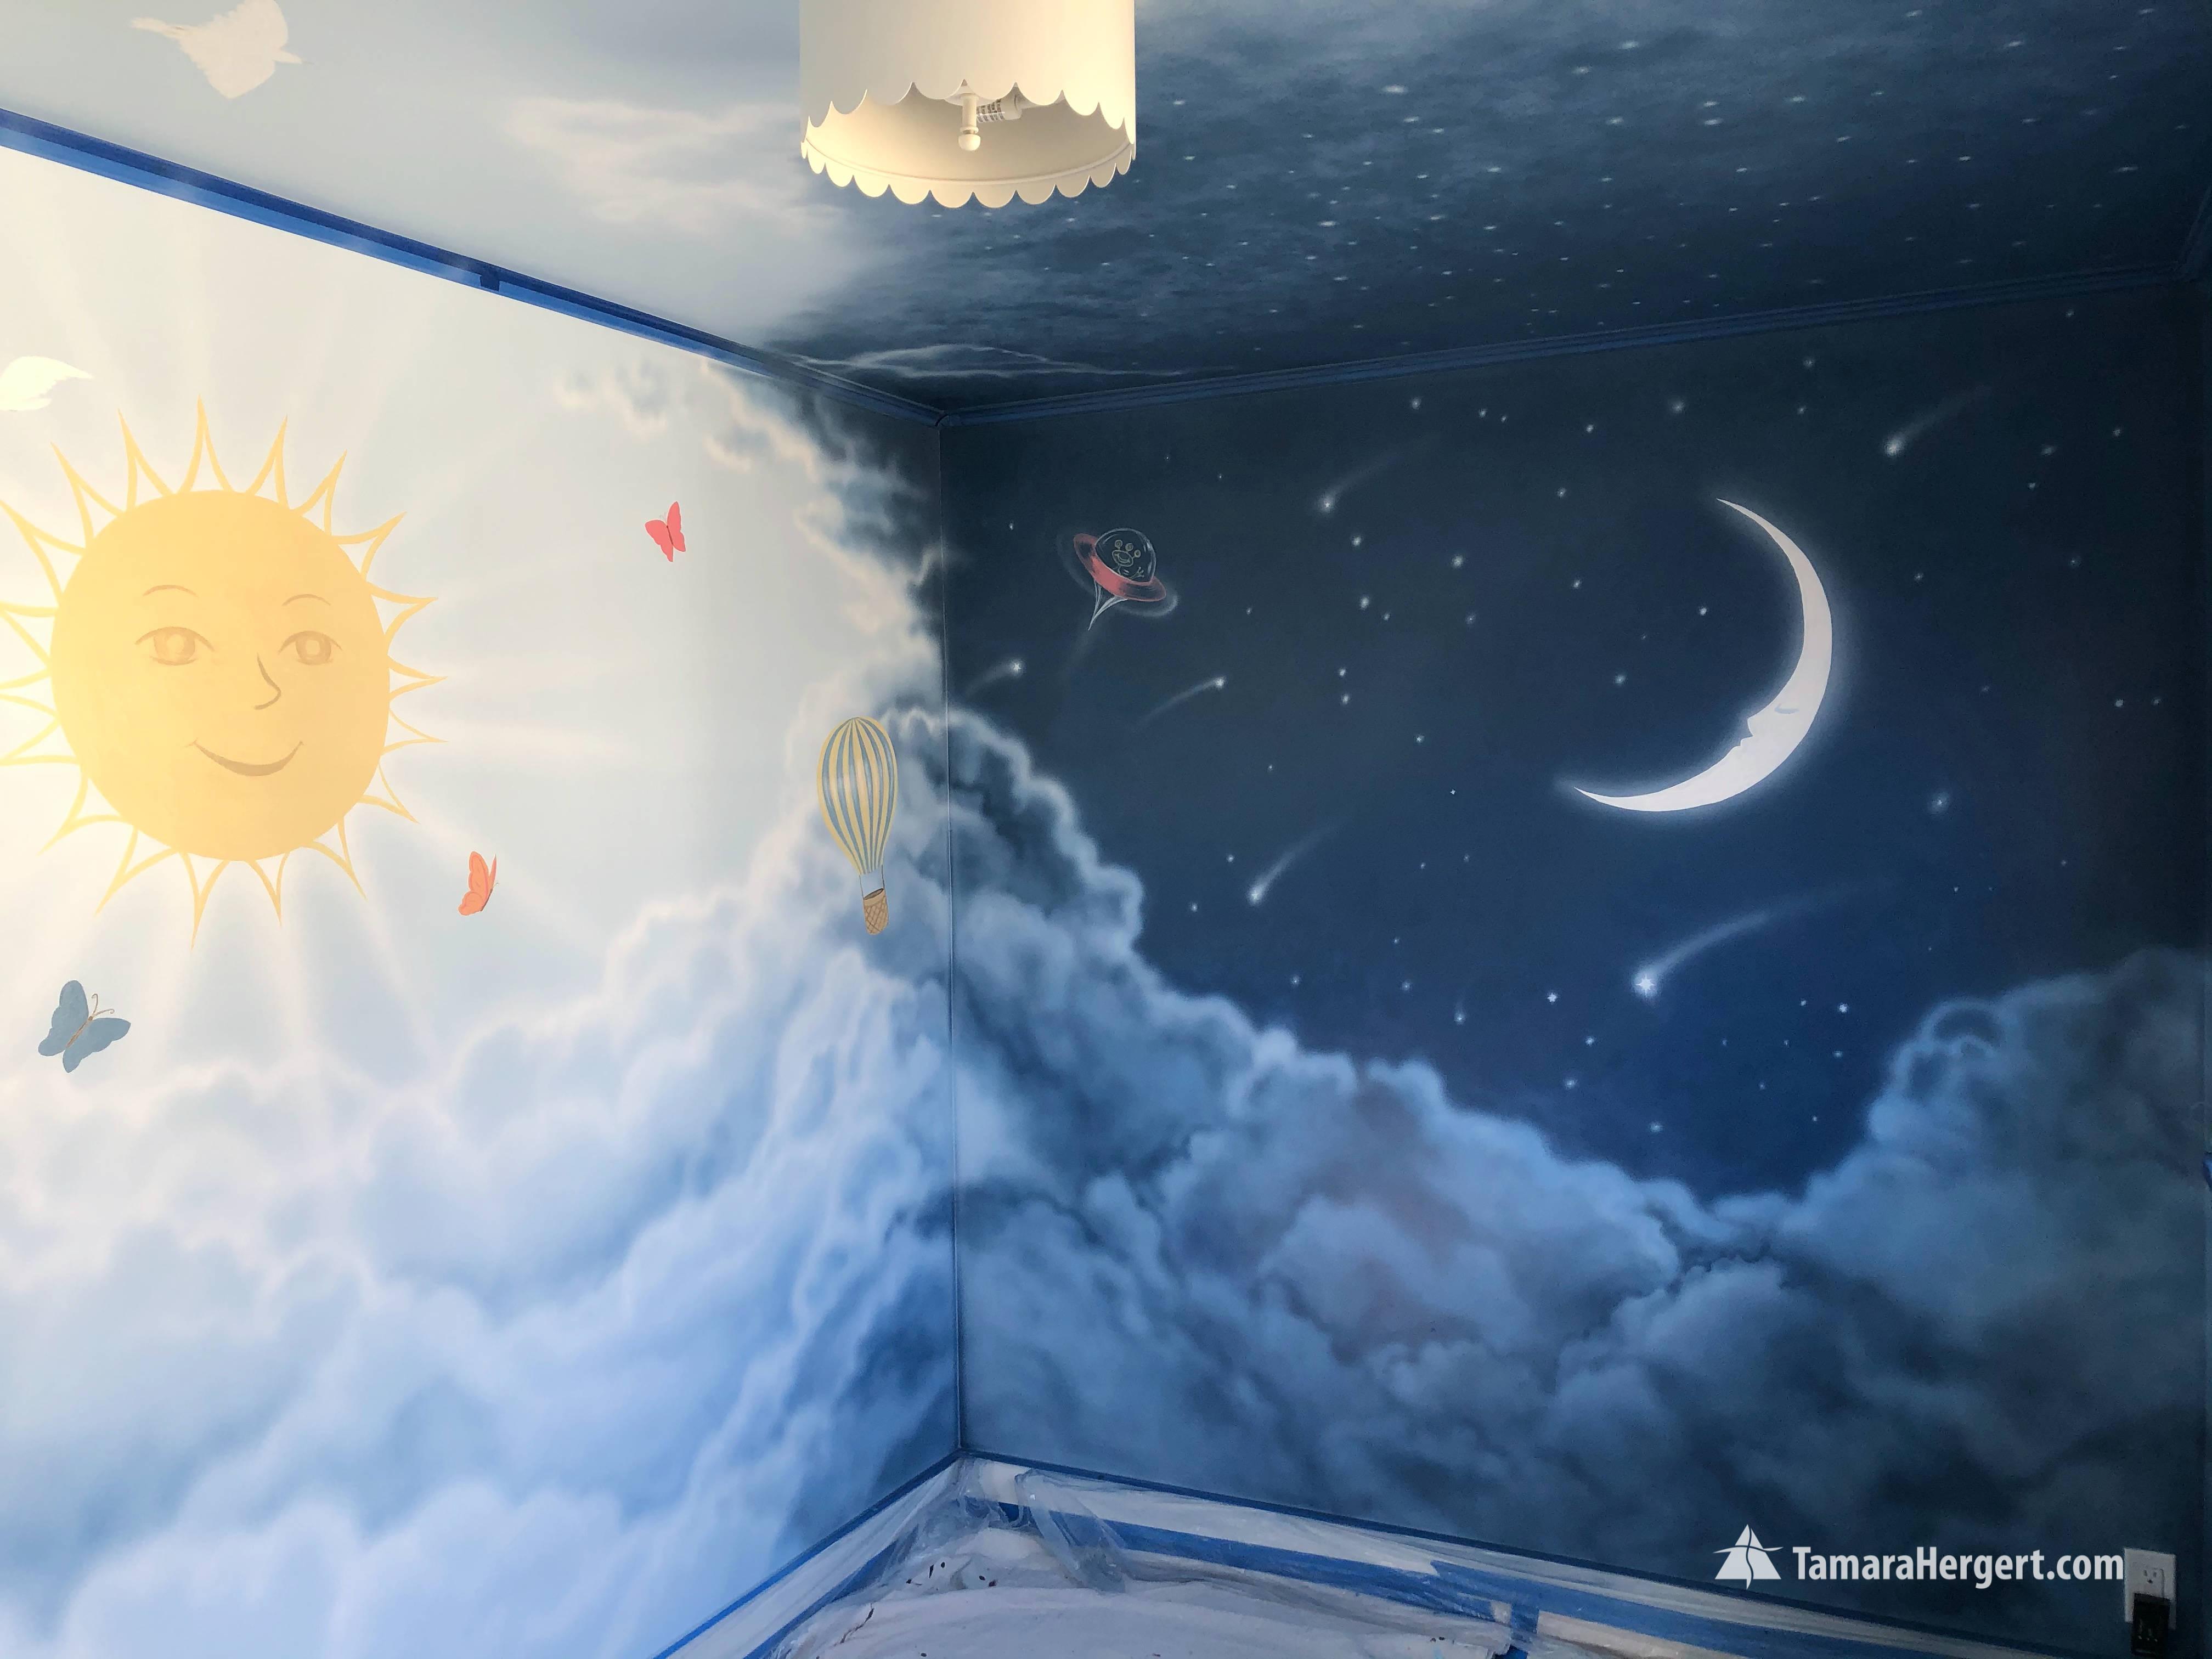 Night and Day mural by Tamara Hergert 8.